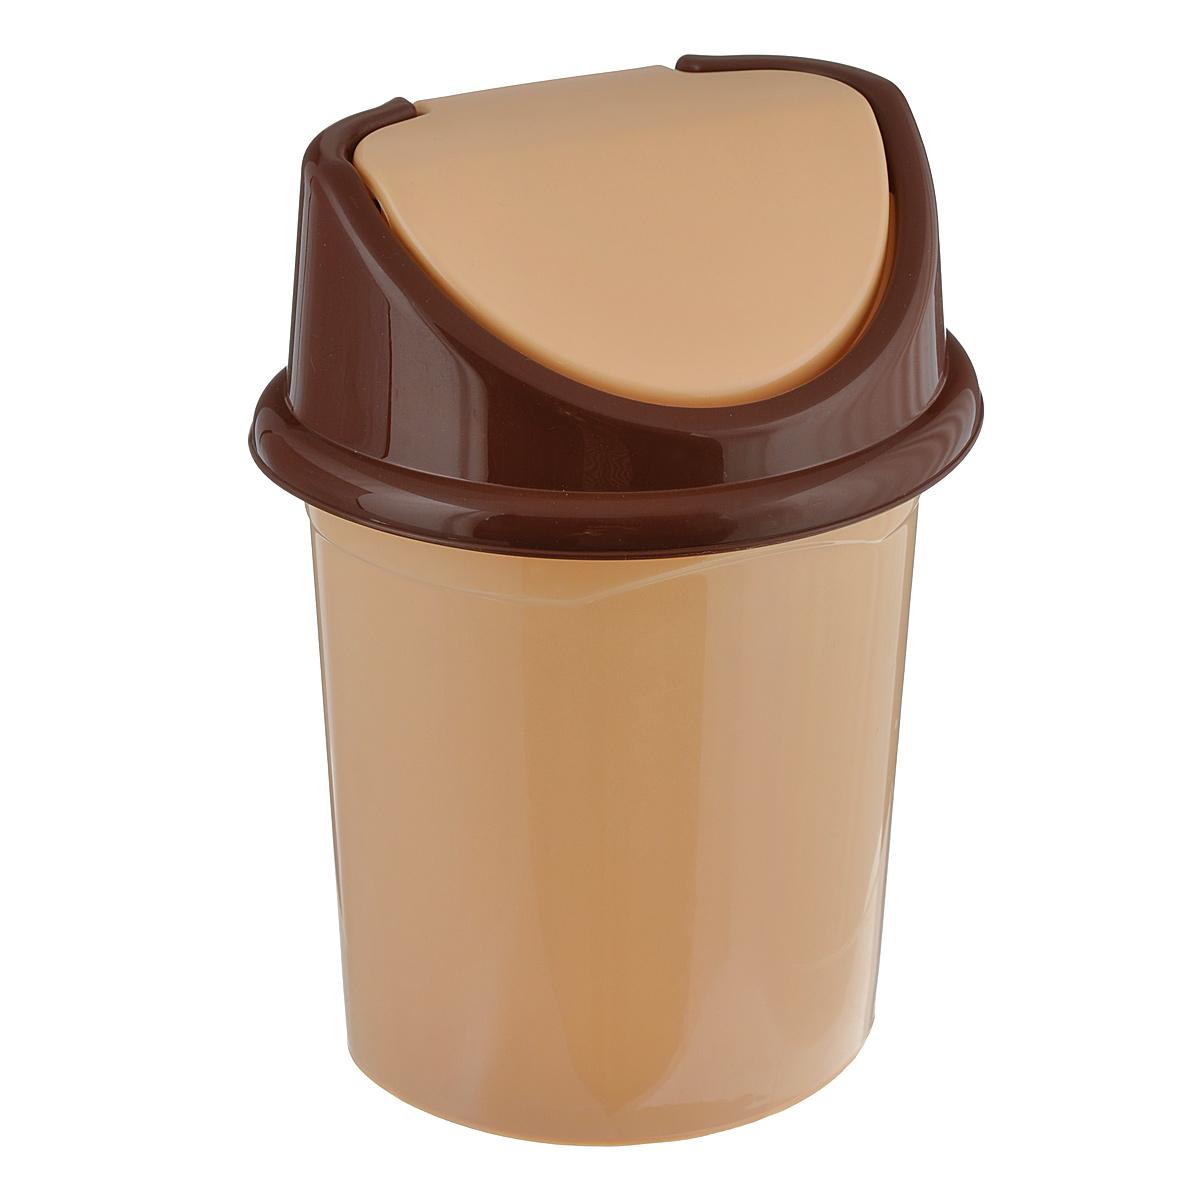 Контейнер для мусора Violet, цвет: бежевый, коричневый, 14 л контейнер для мусора plastic centre цвет бежевый коричневый 7 л